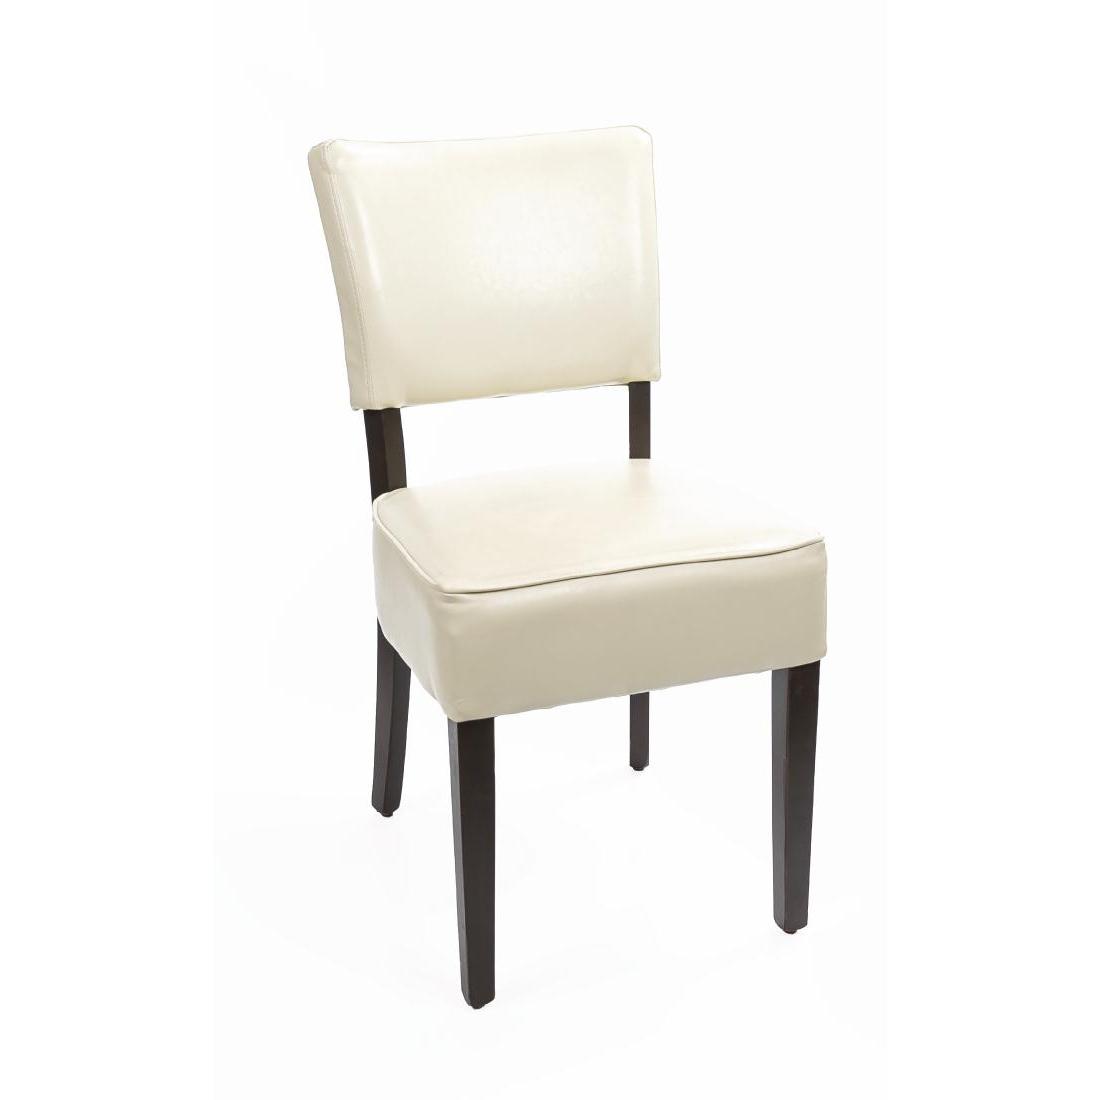 Chaises confortables en simili cuir Bolero écru